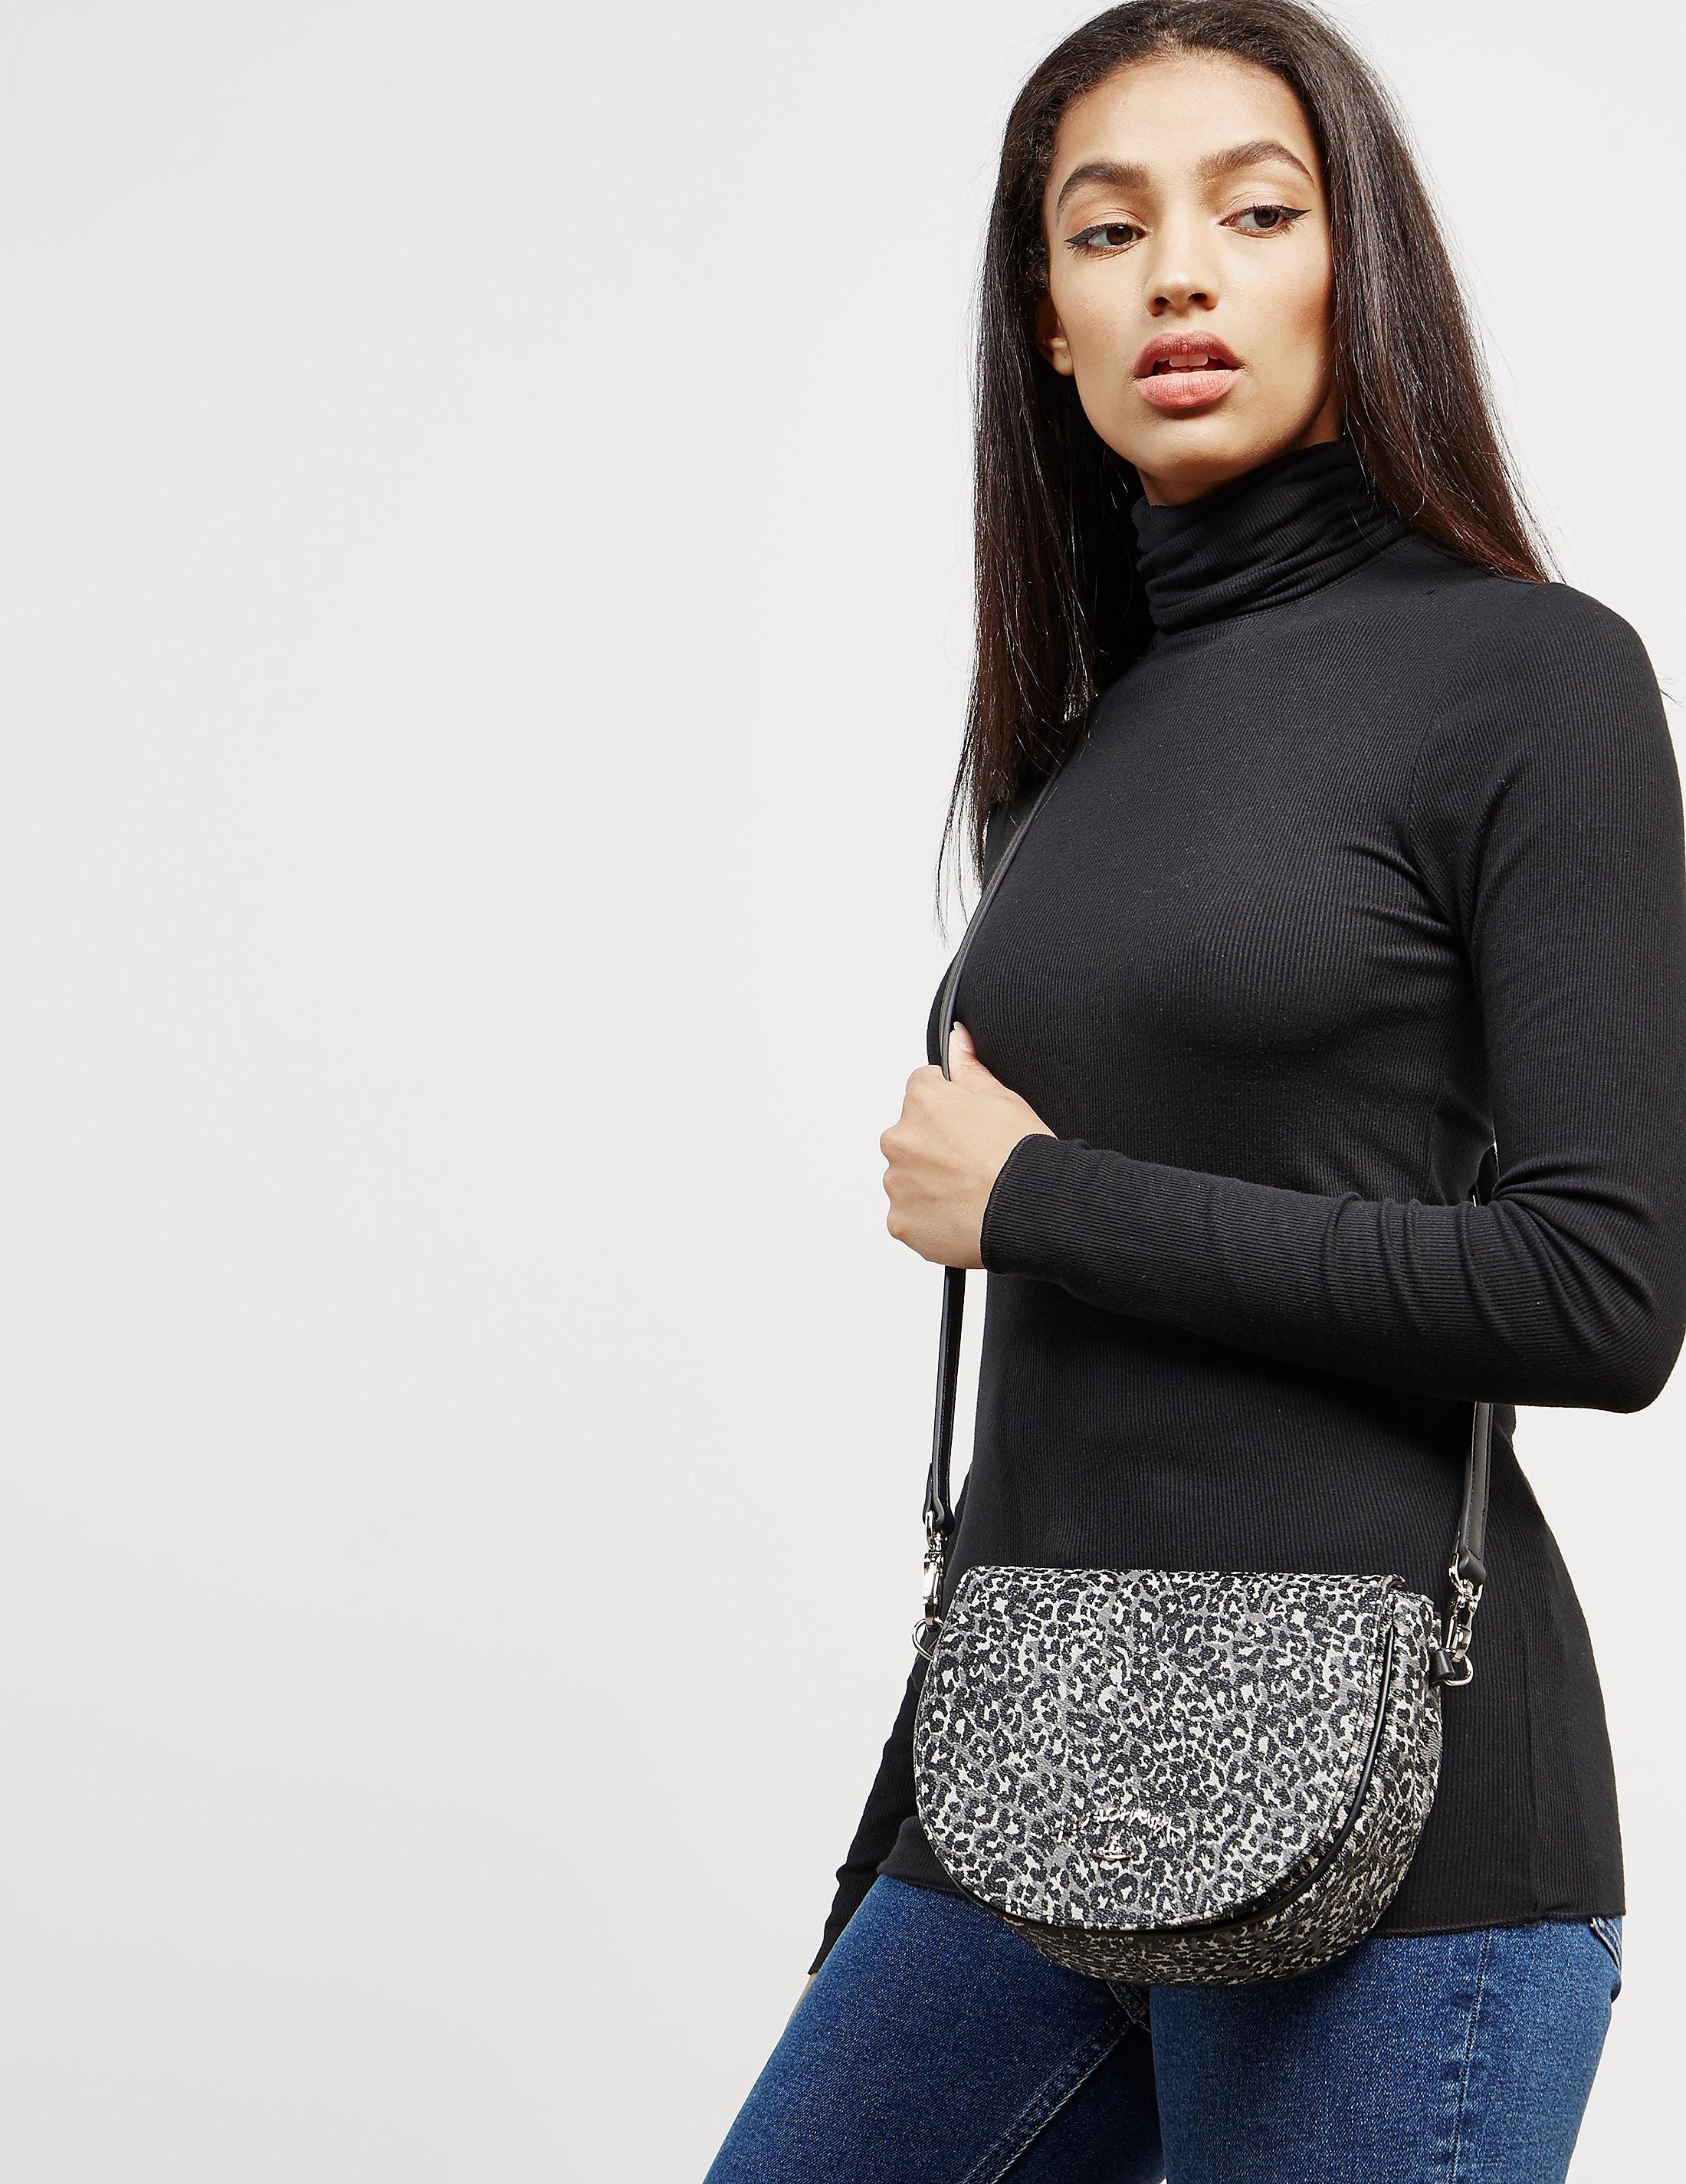 Vivienne Westwood Leopard Shoulder Bag